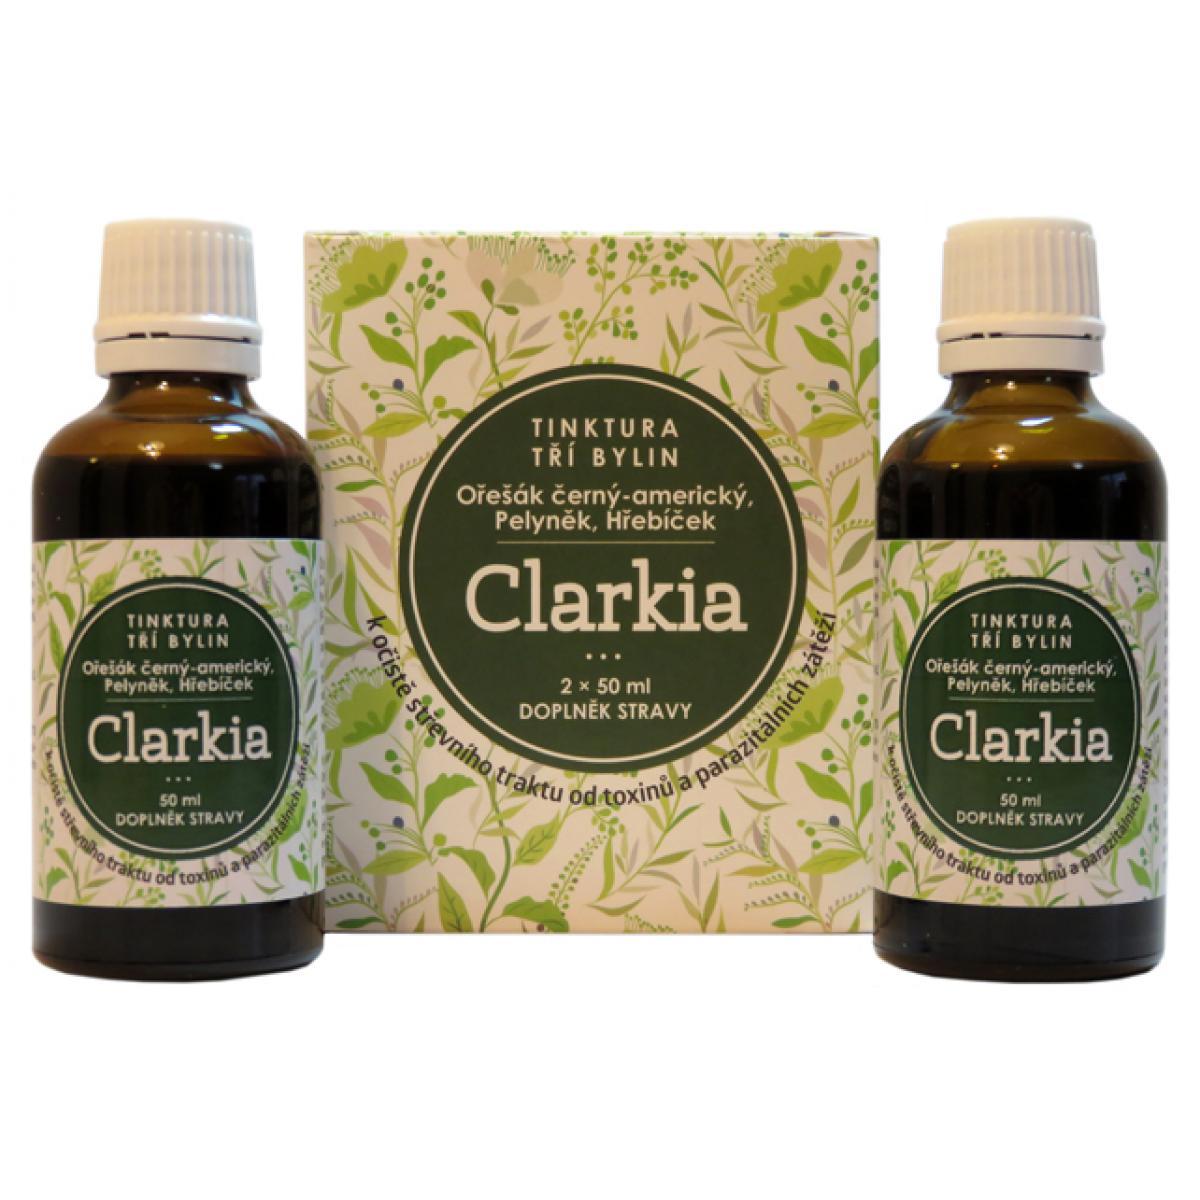 Clarkia - 2 x 50 ml